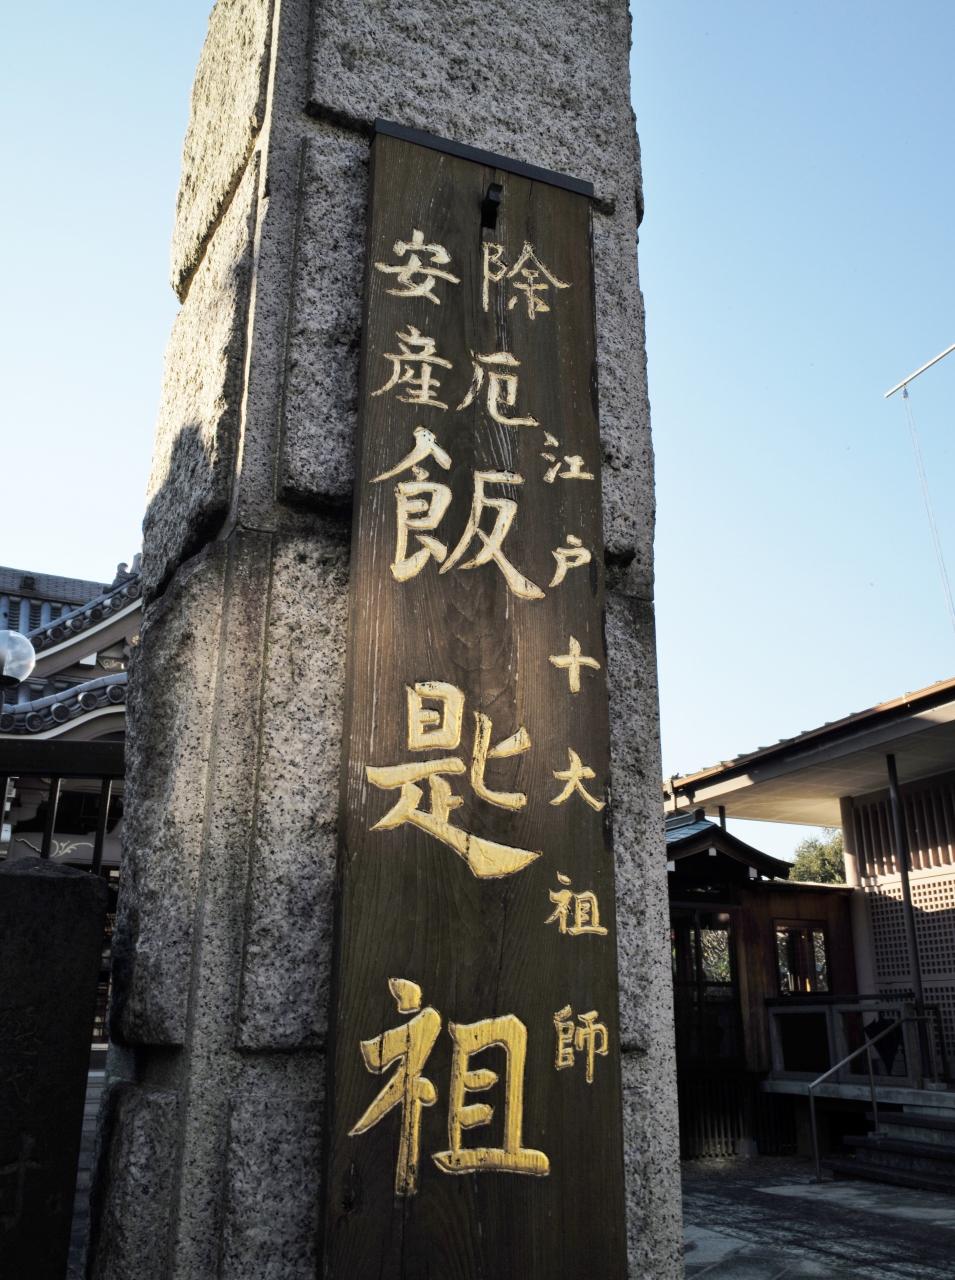 慈雲山瑞輪寺のクチコミ(1ページ)